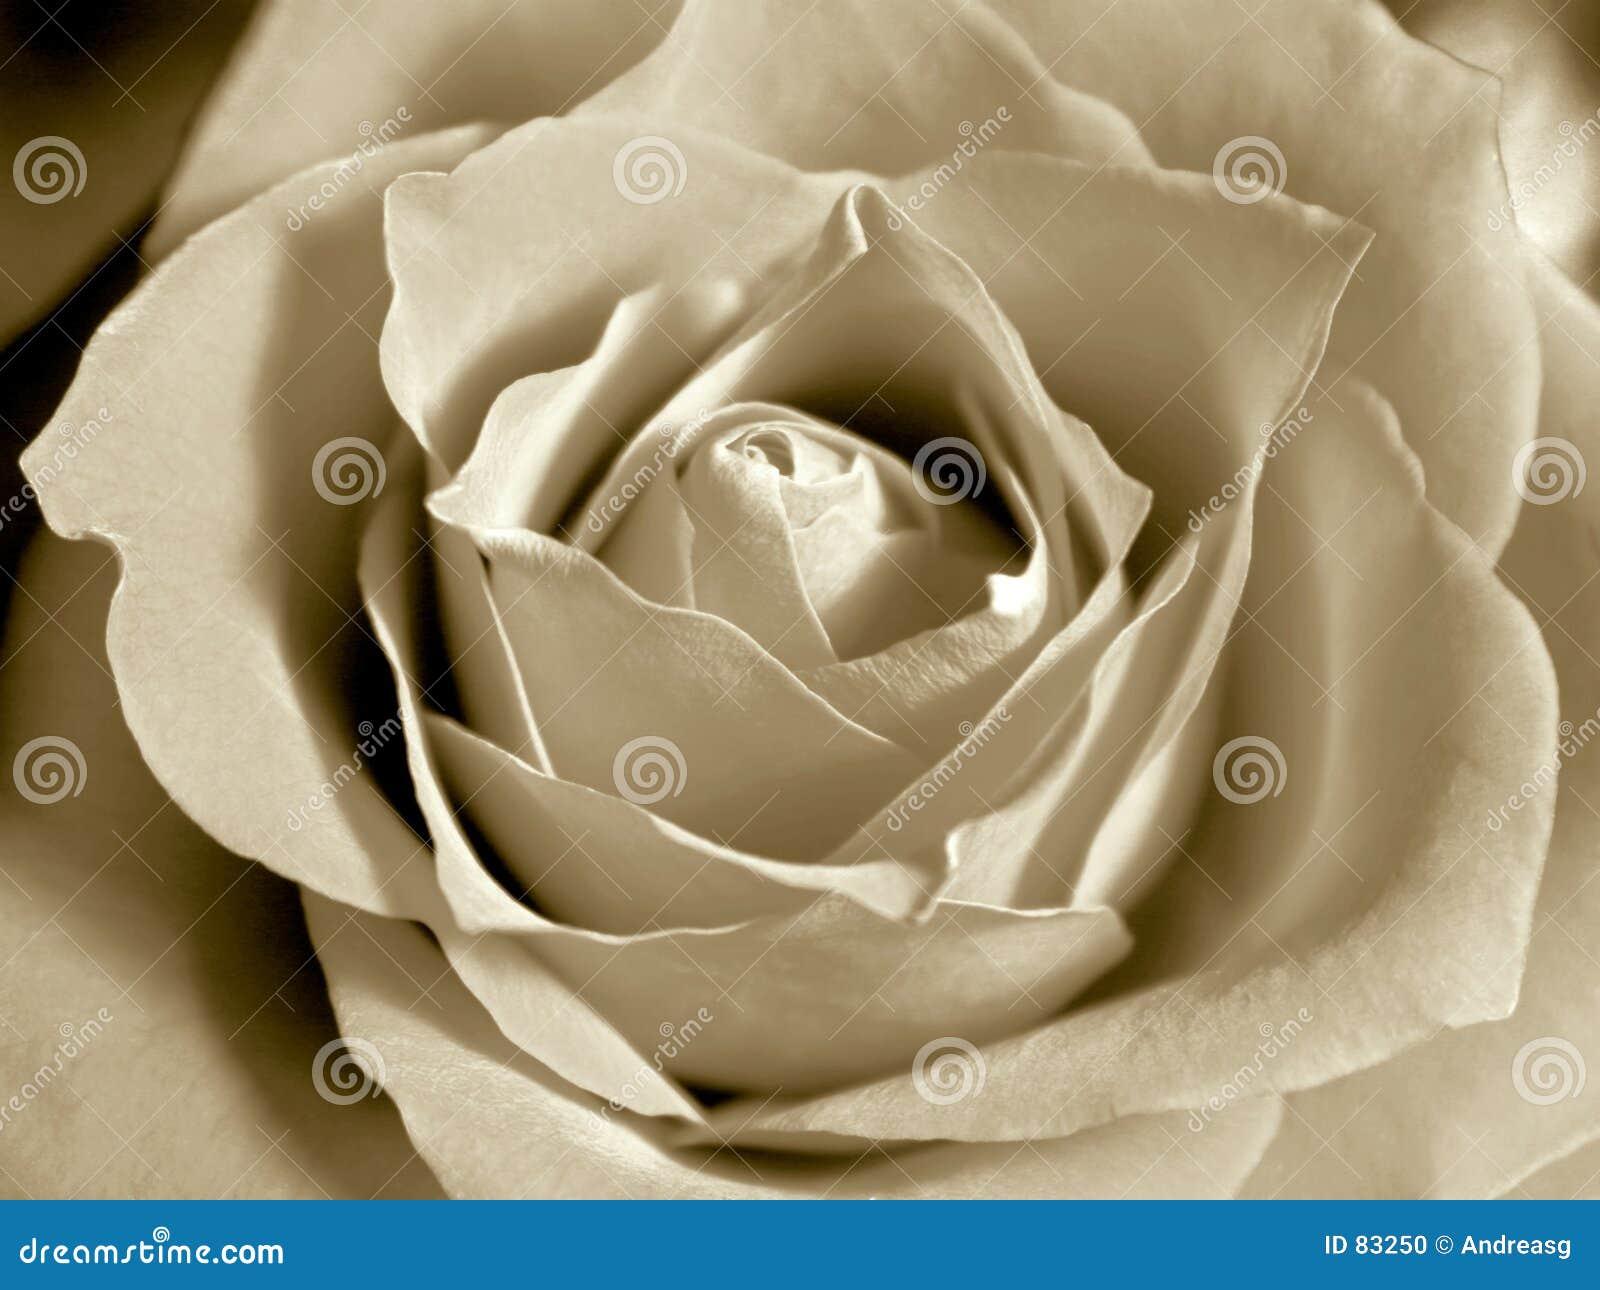 Rose sepiowego white